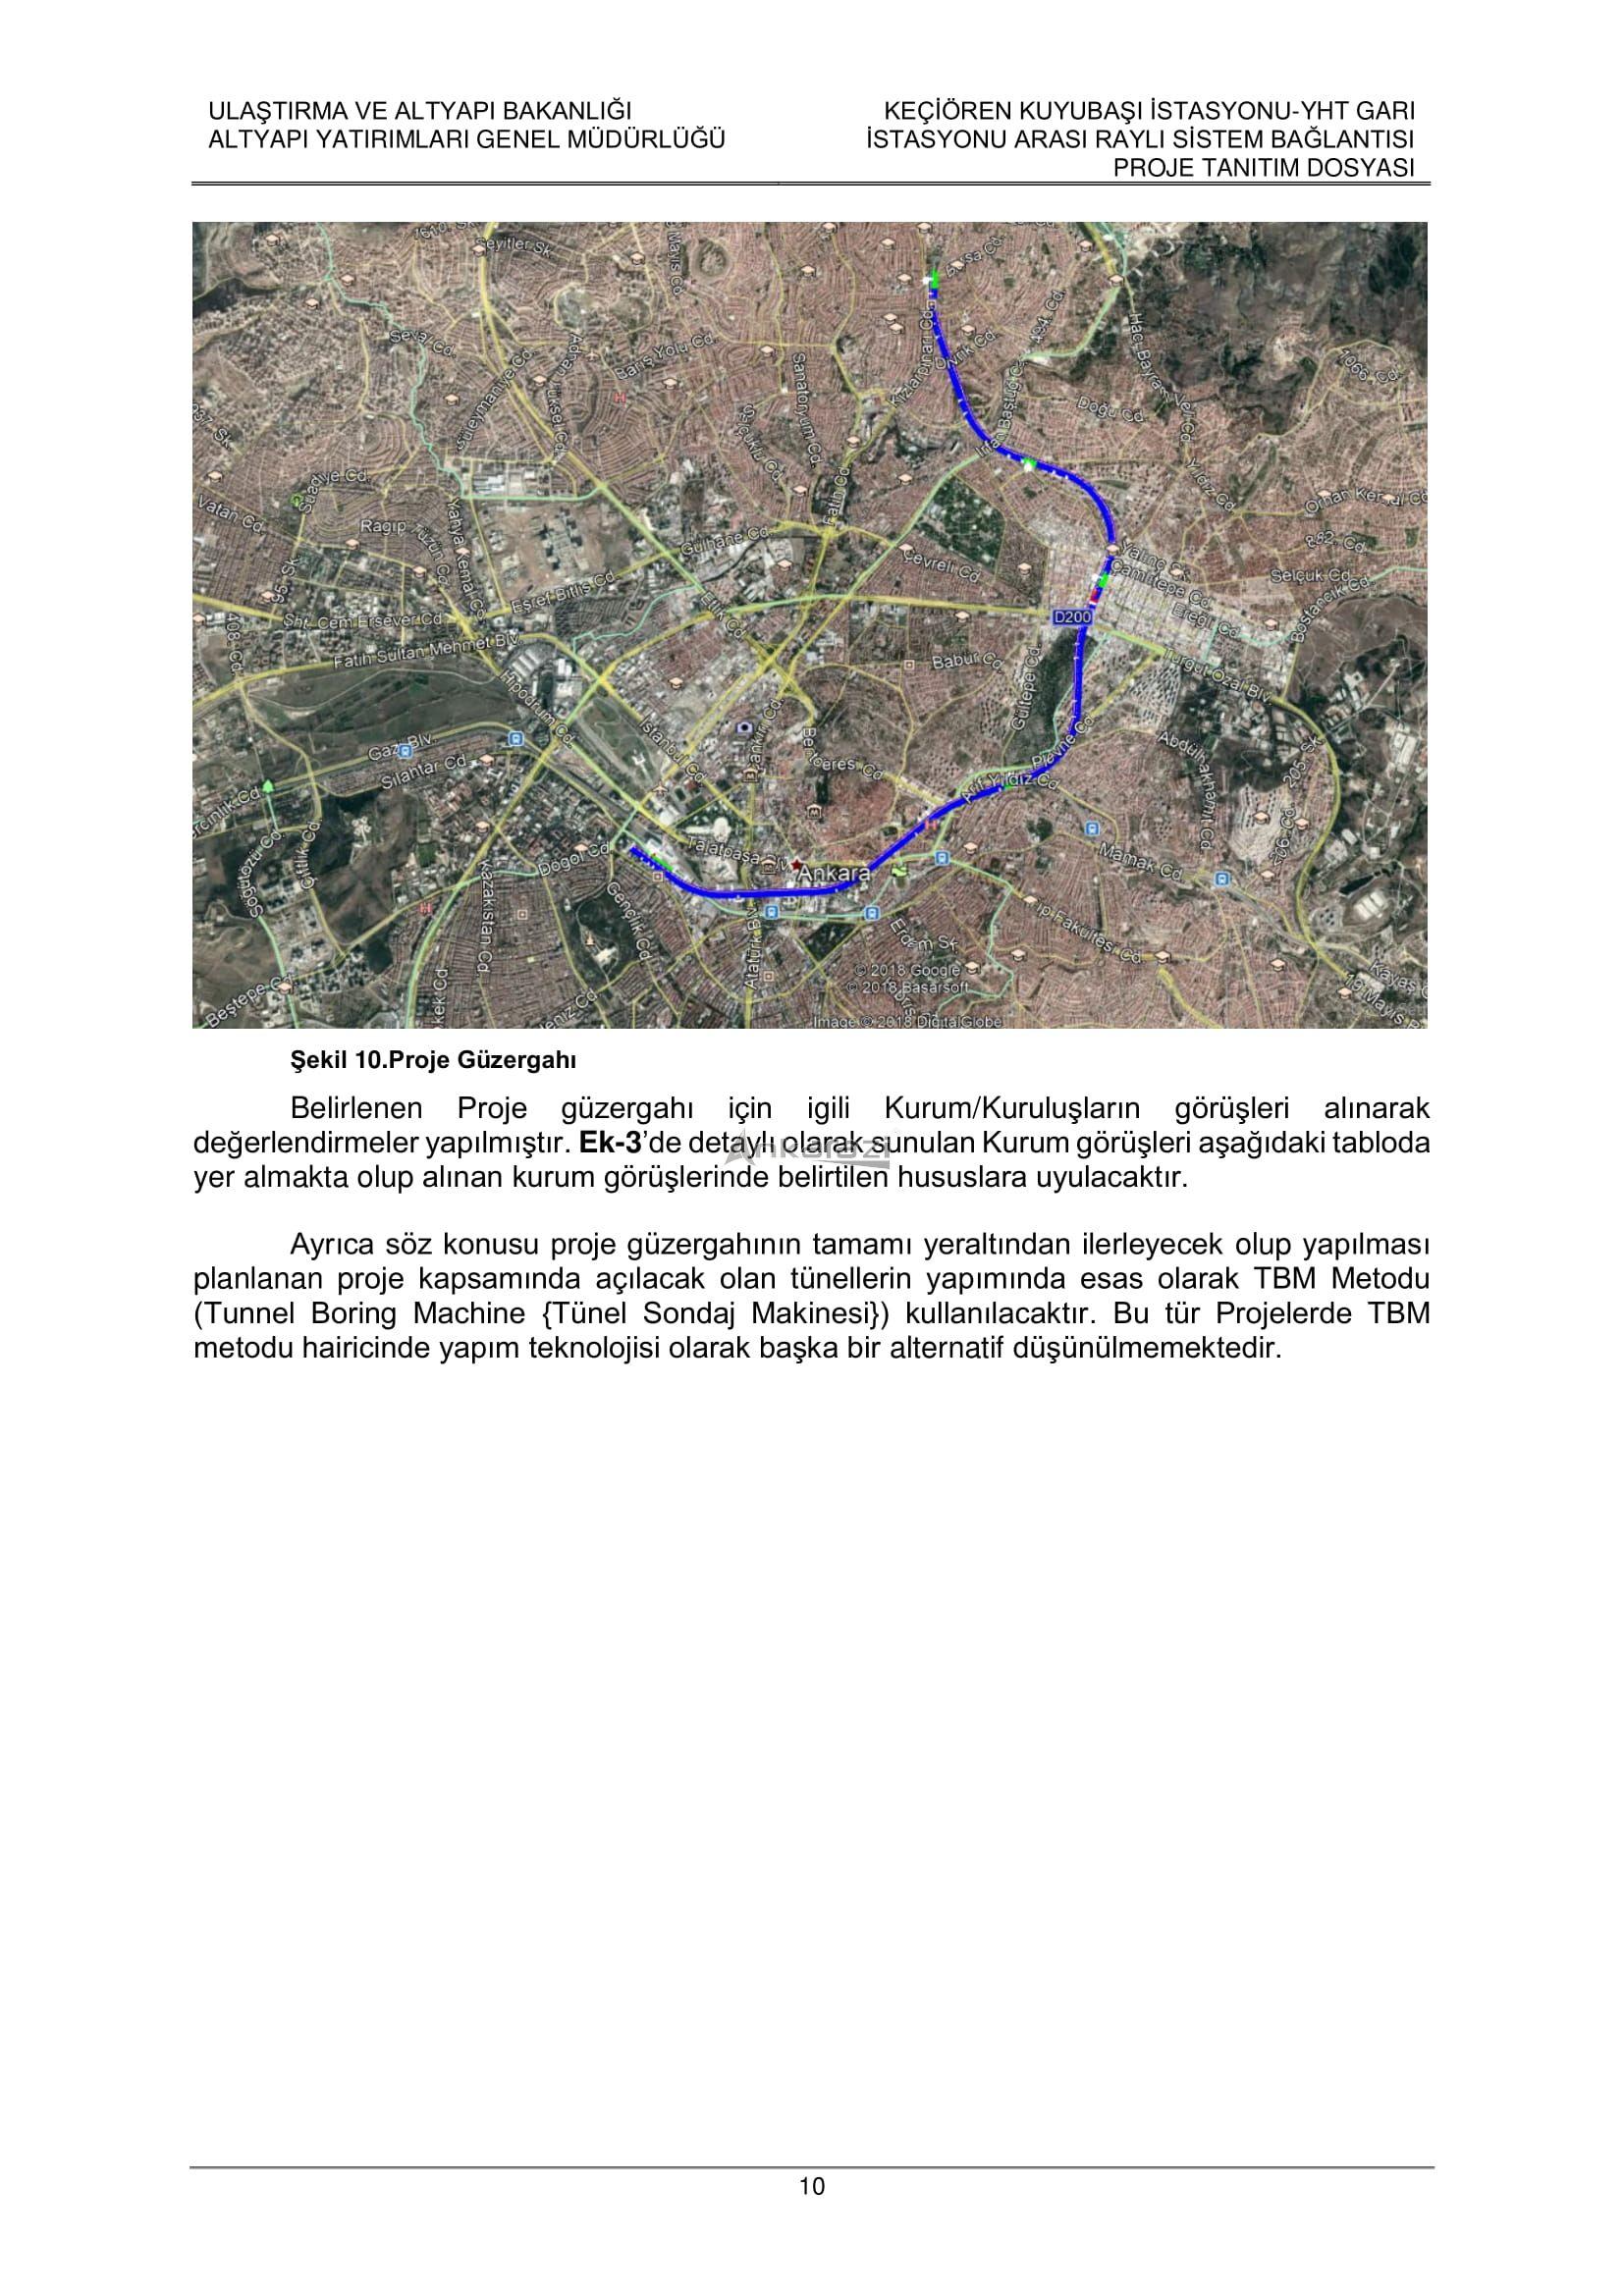 Keçiören-Siteler-YHT Garı Metro Hattı, Nihai Proje Dosyası... 3697